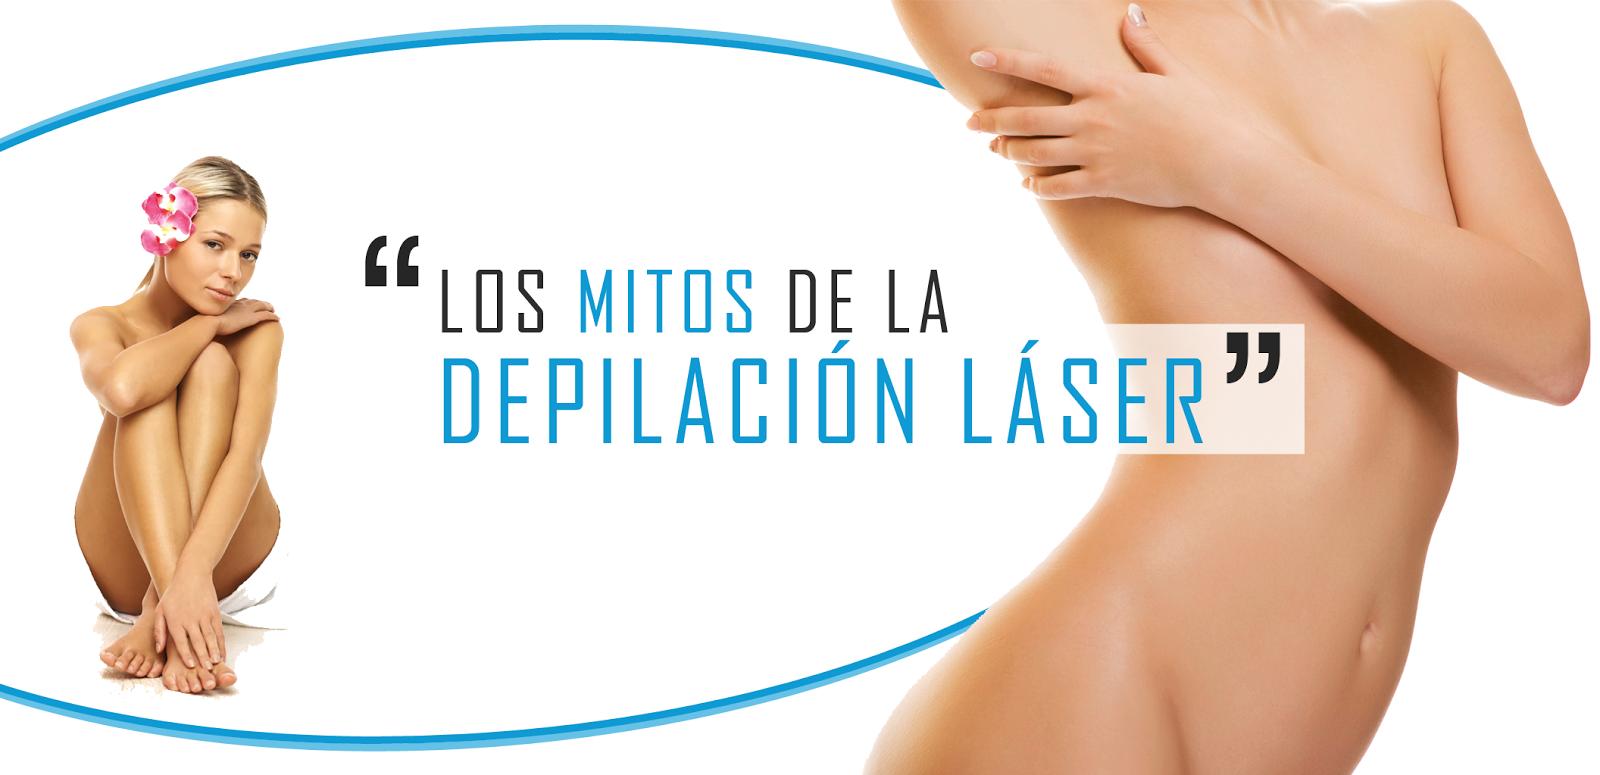 depilacion laser: